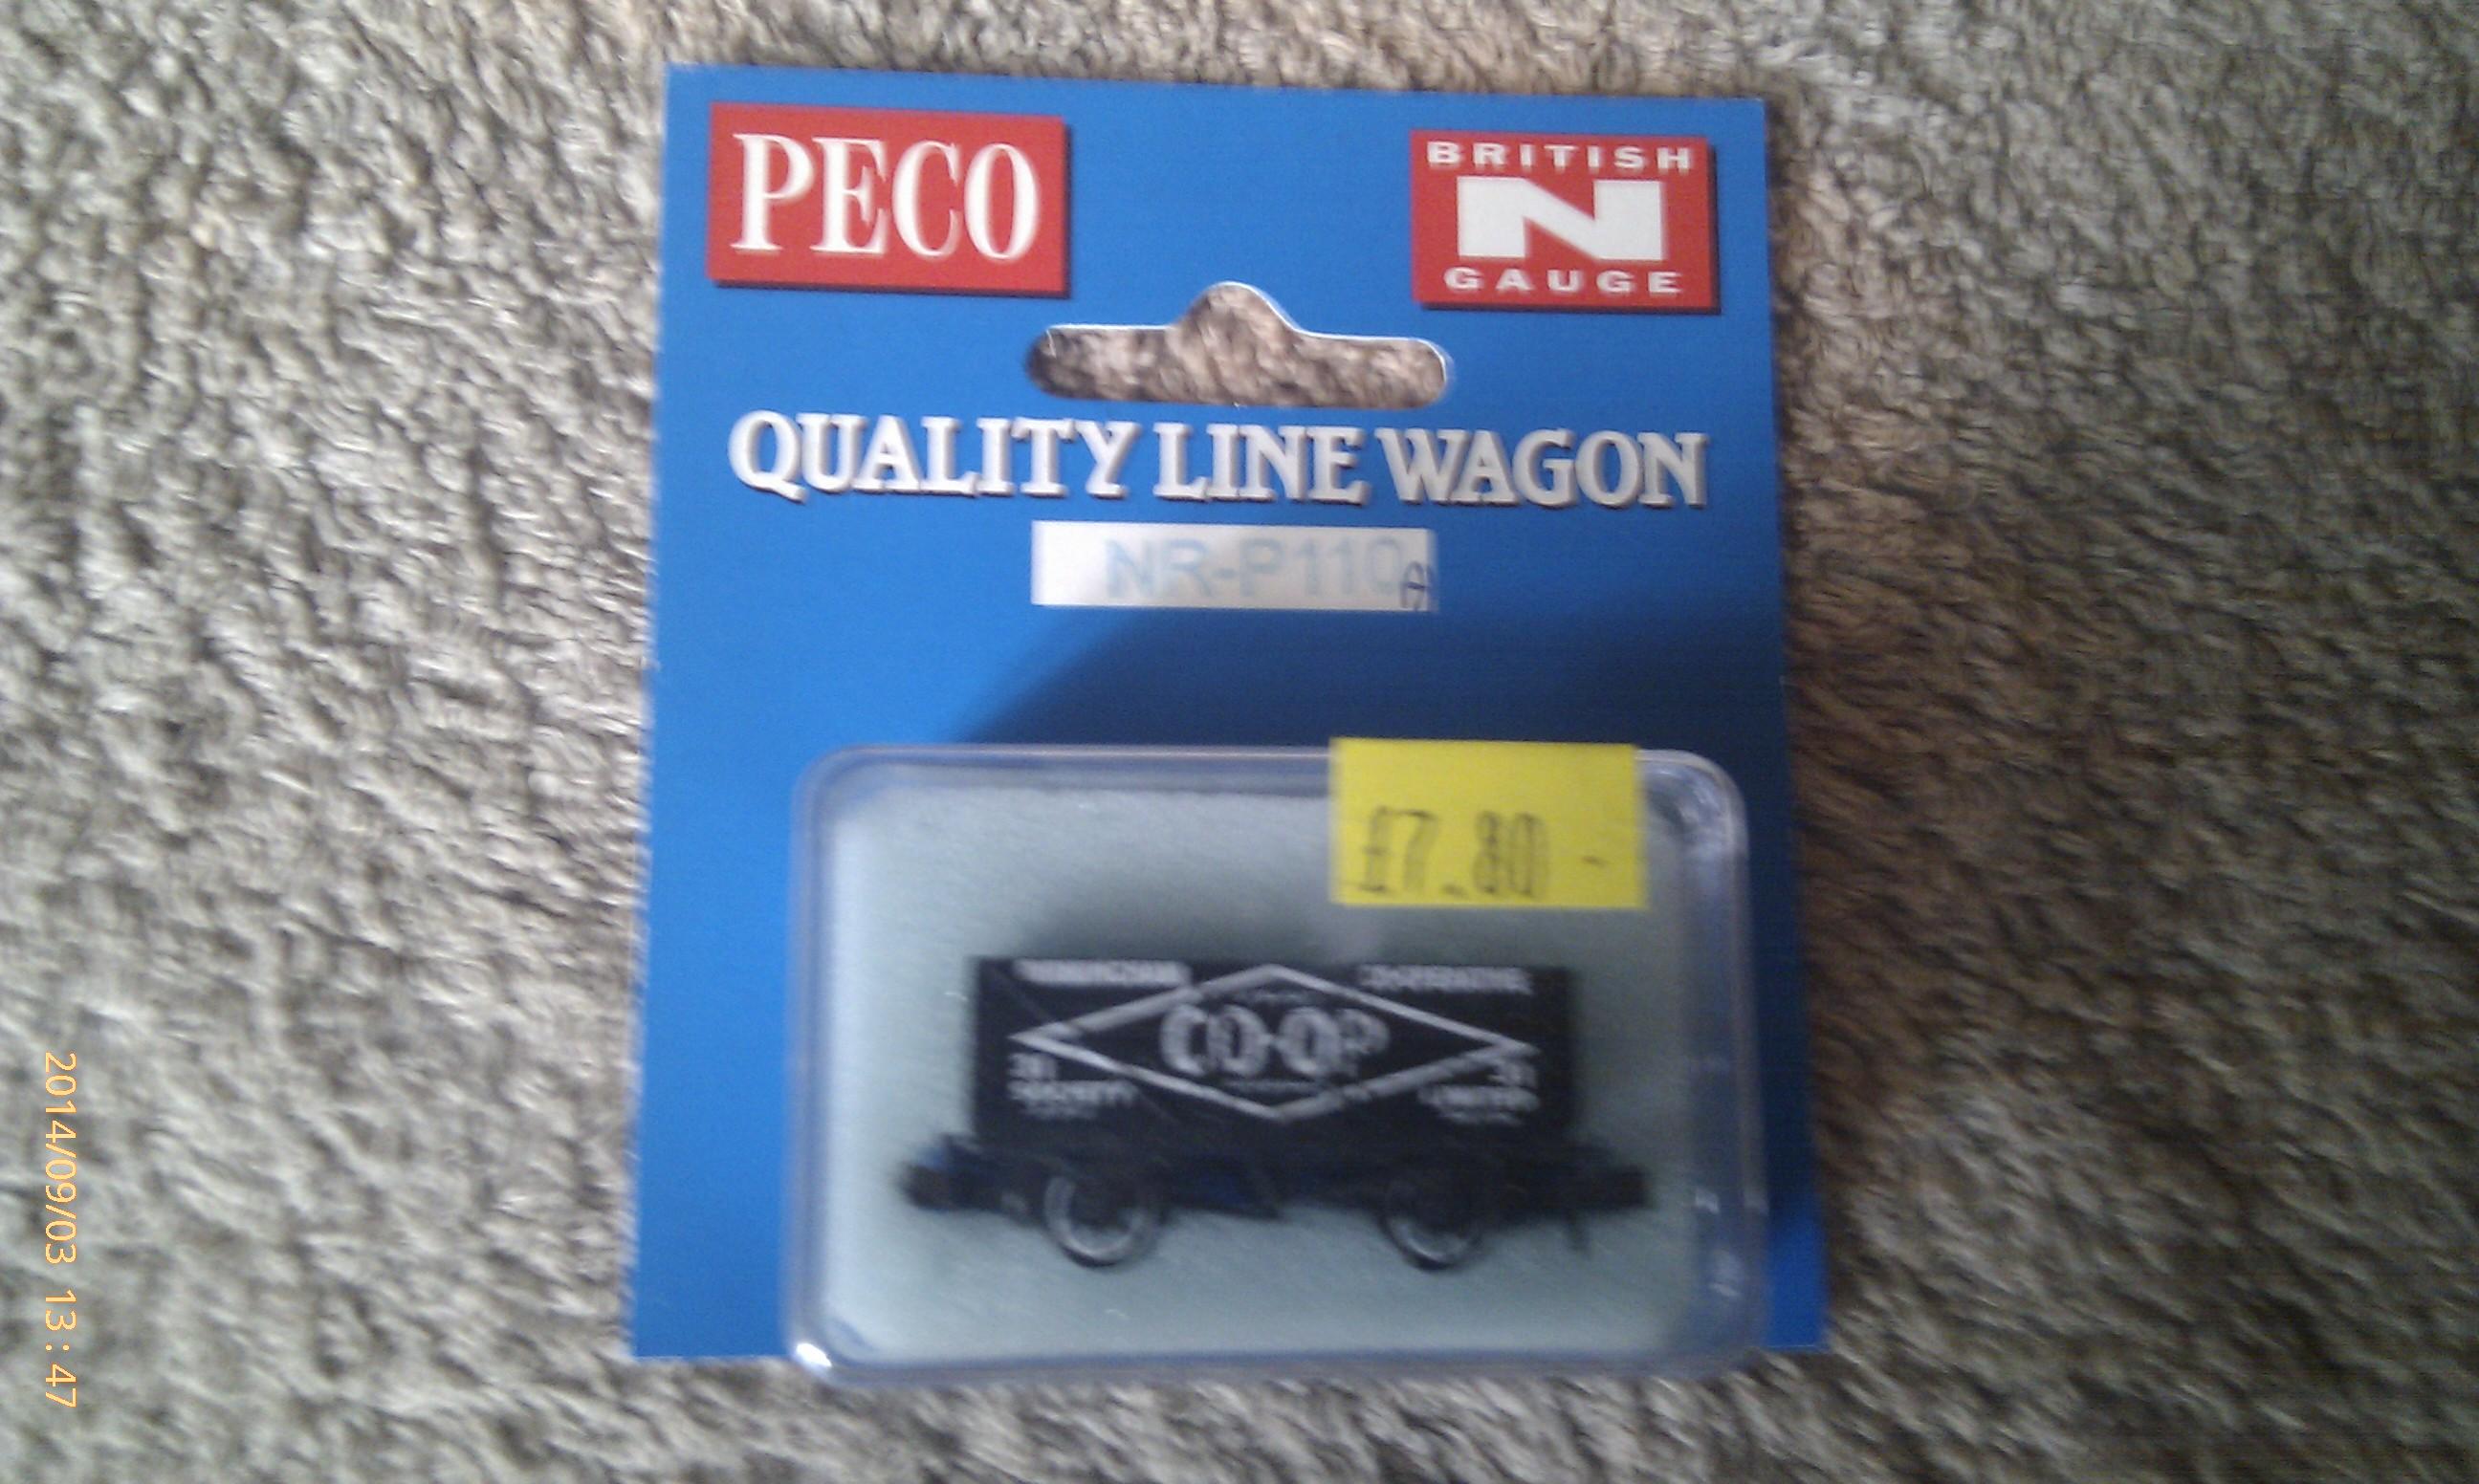 Peco Quality Line Wagon NR-P110A CO-OP